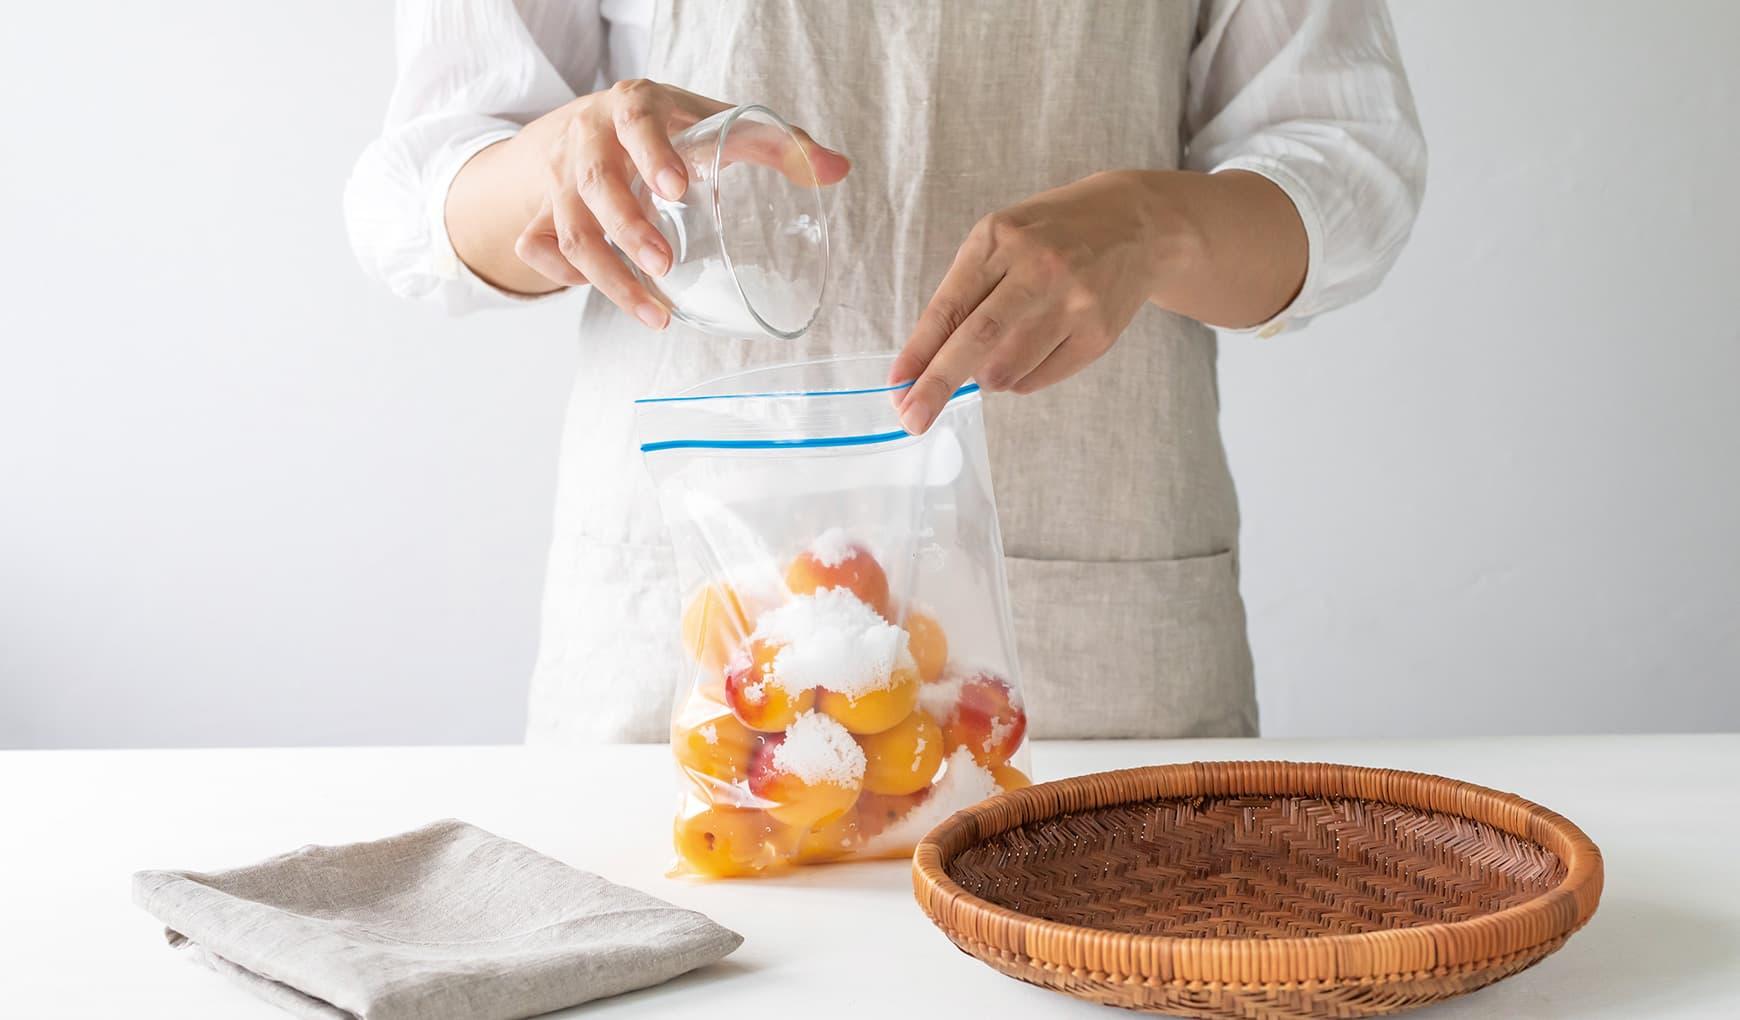 【専門店監修】梅干しの作り方・漬け方について。<br>手軽にできる少量レシピをご紹介。